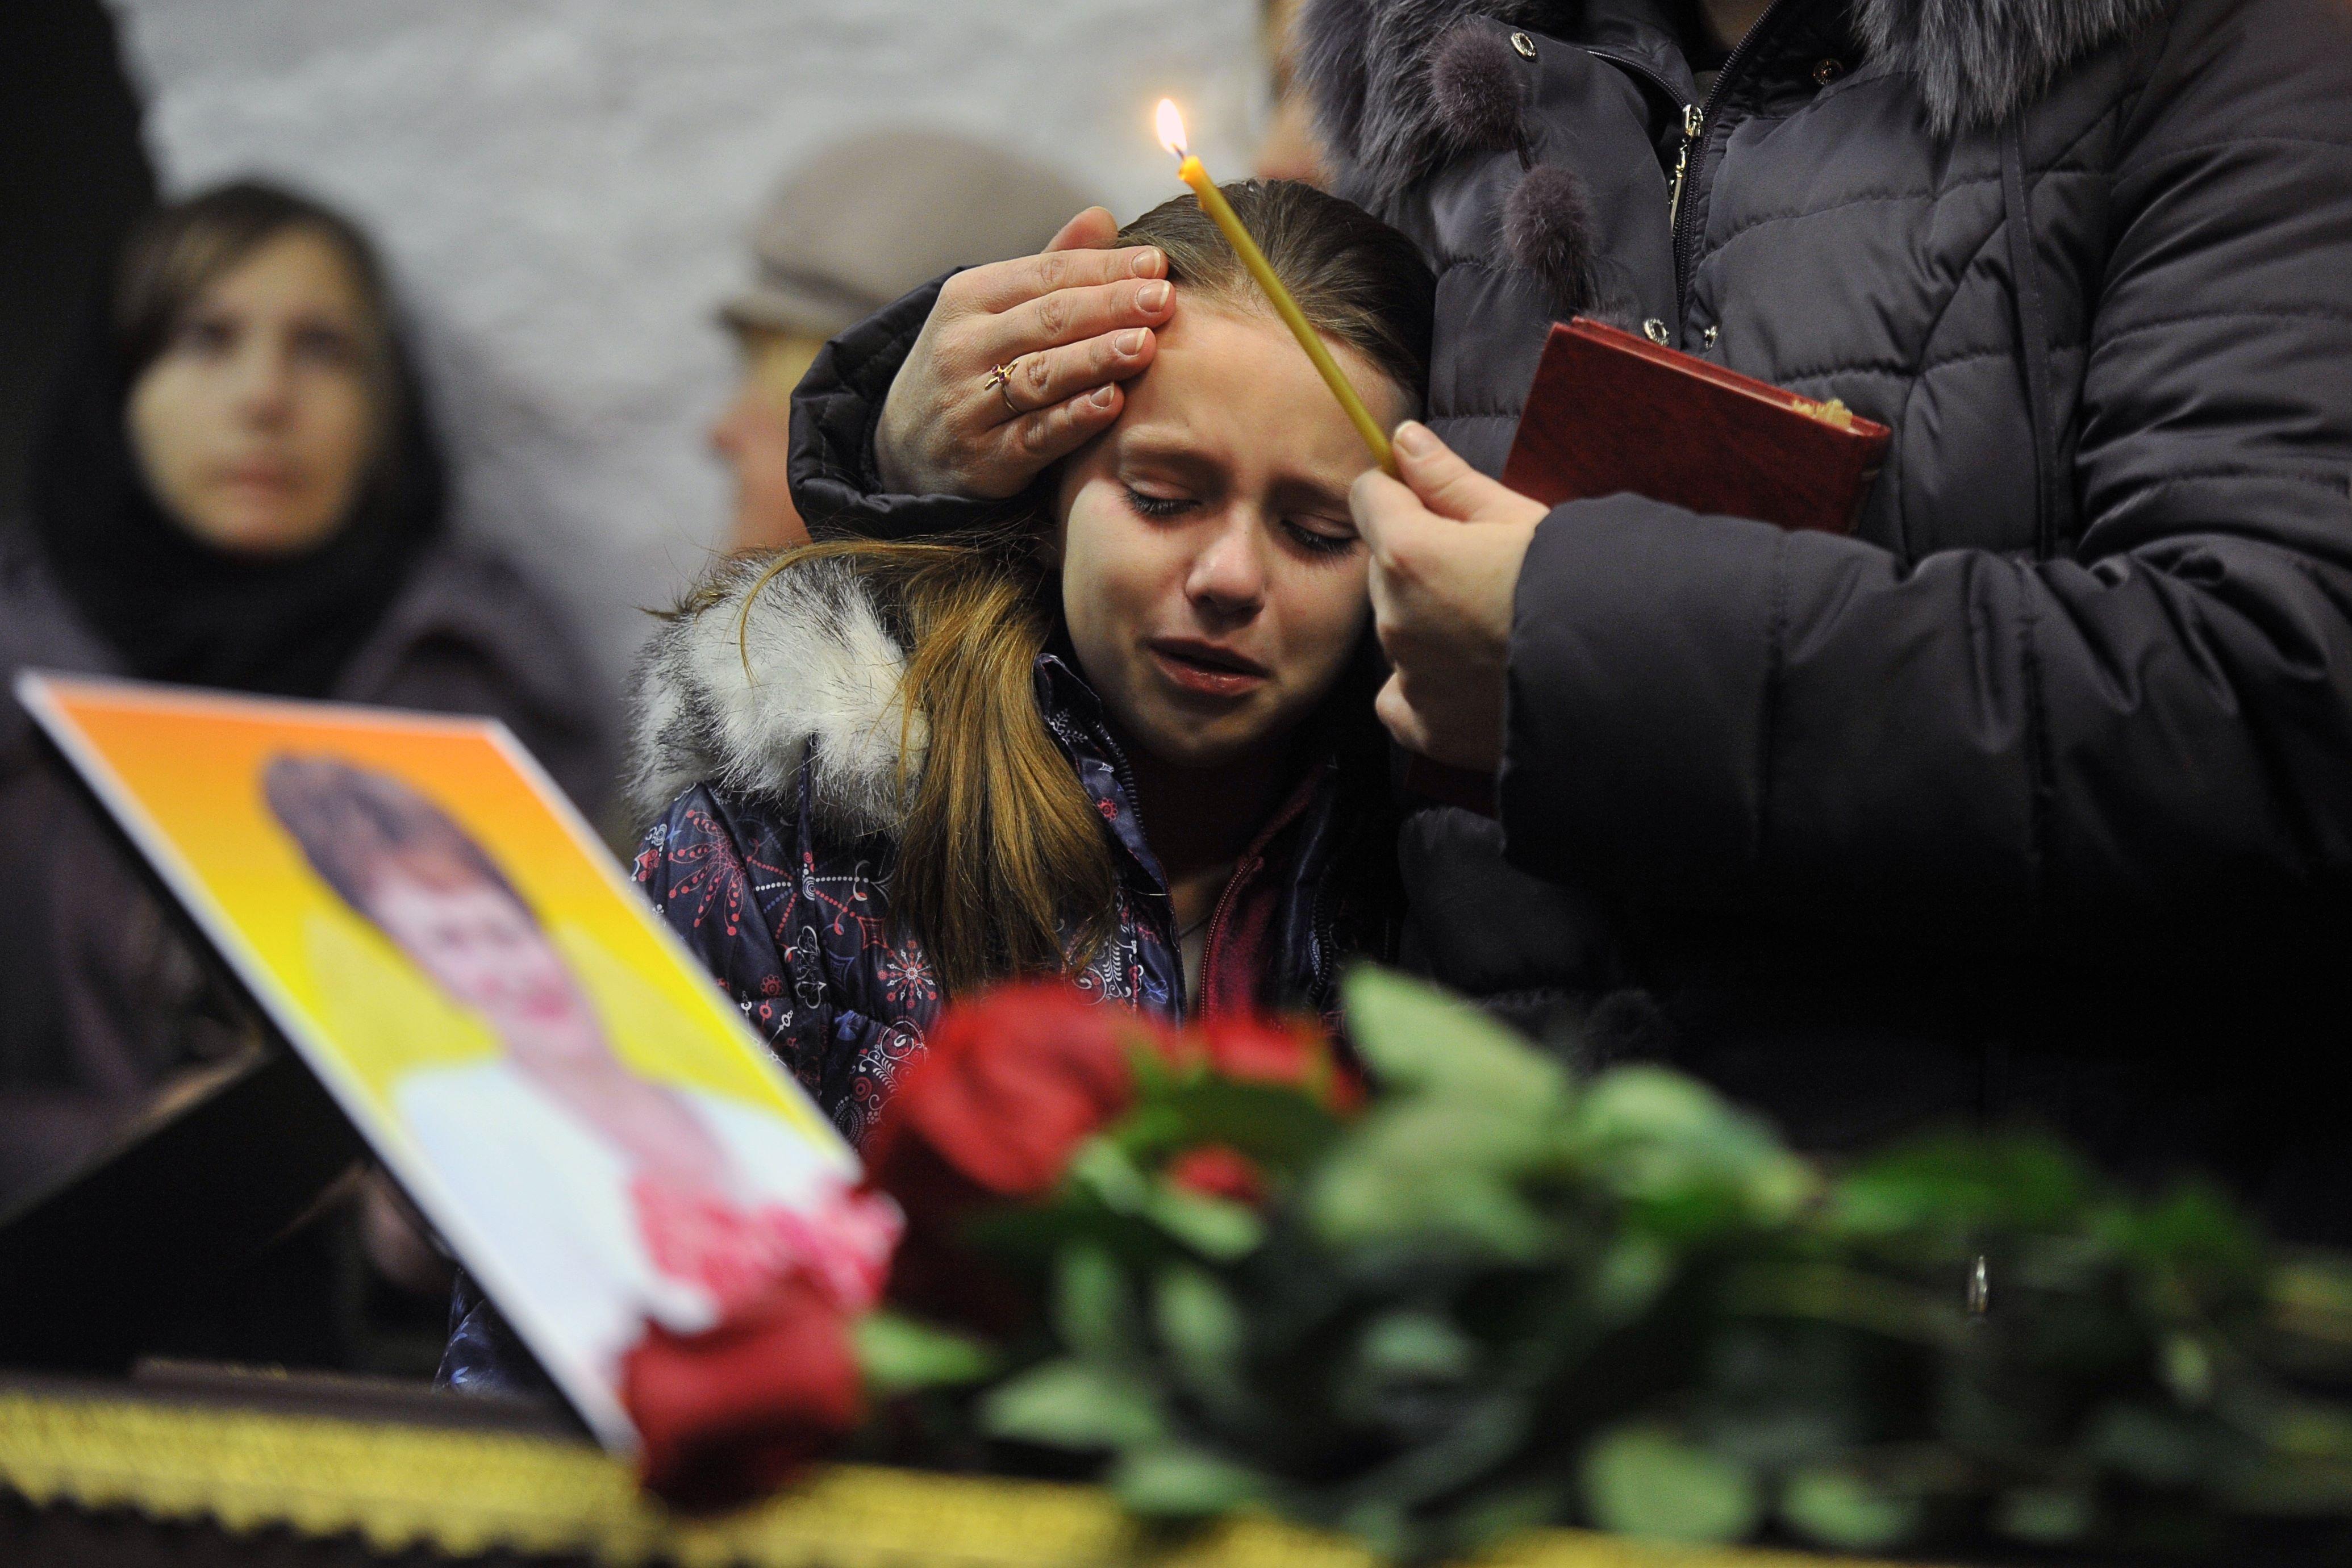 остались ли выжившие в авиакатастрофе в египте